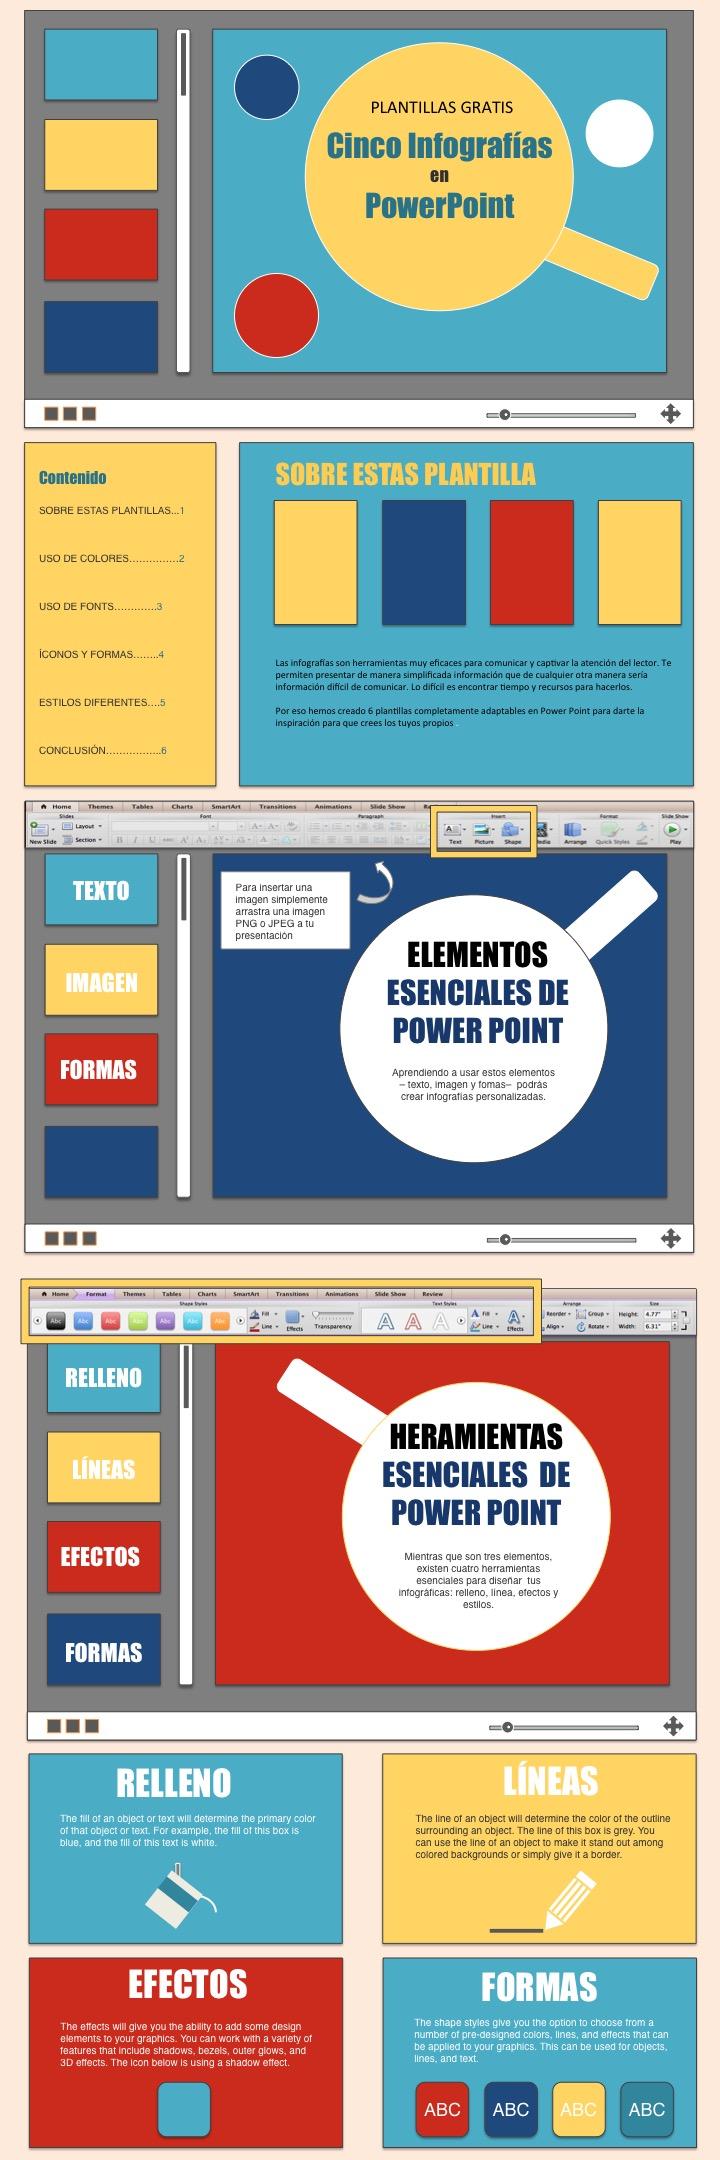 como-hacer-infografias-1.jpg